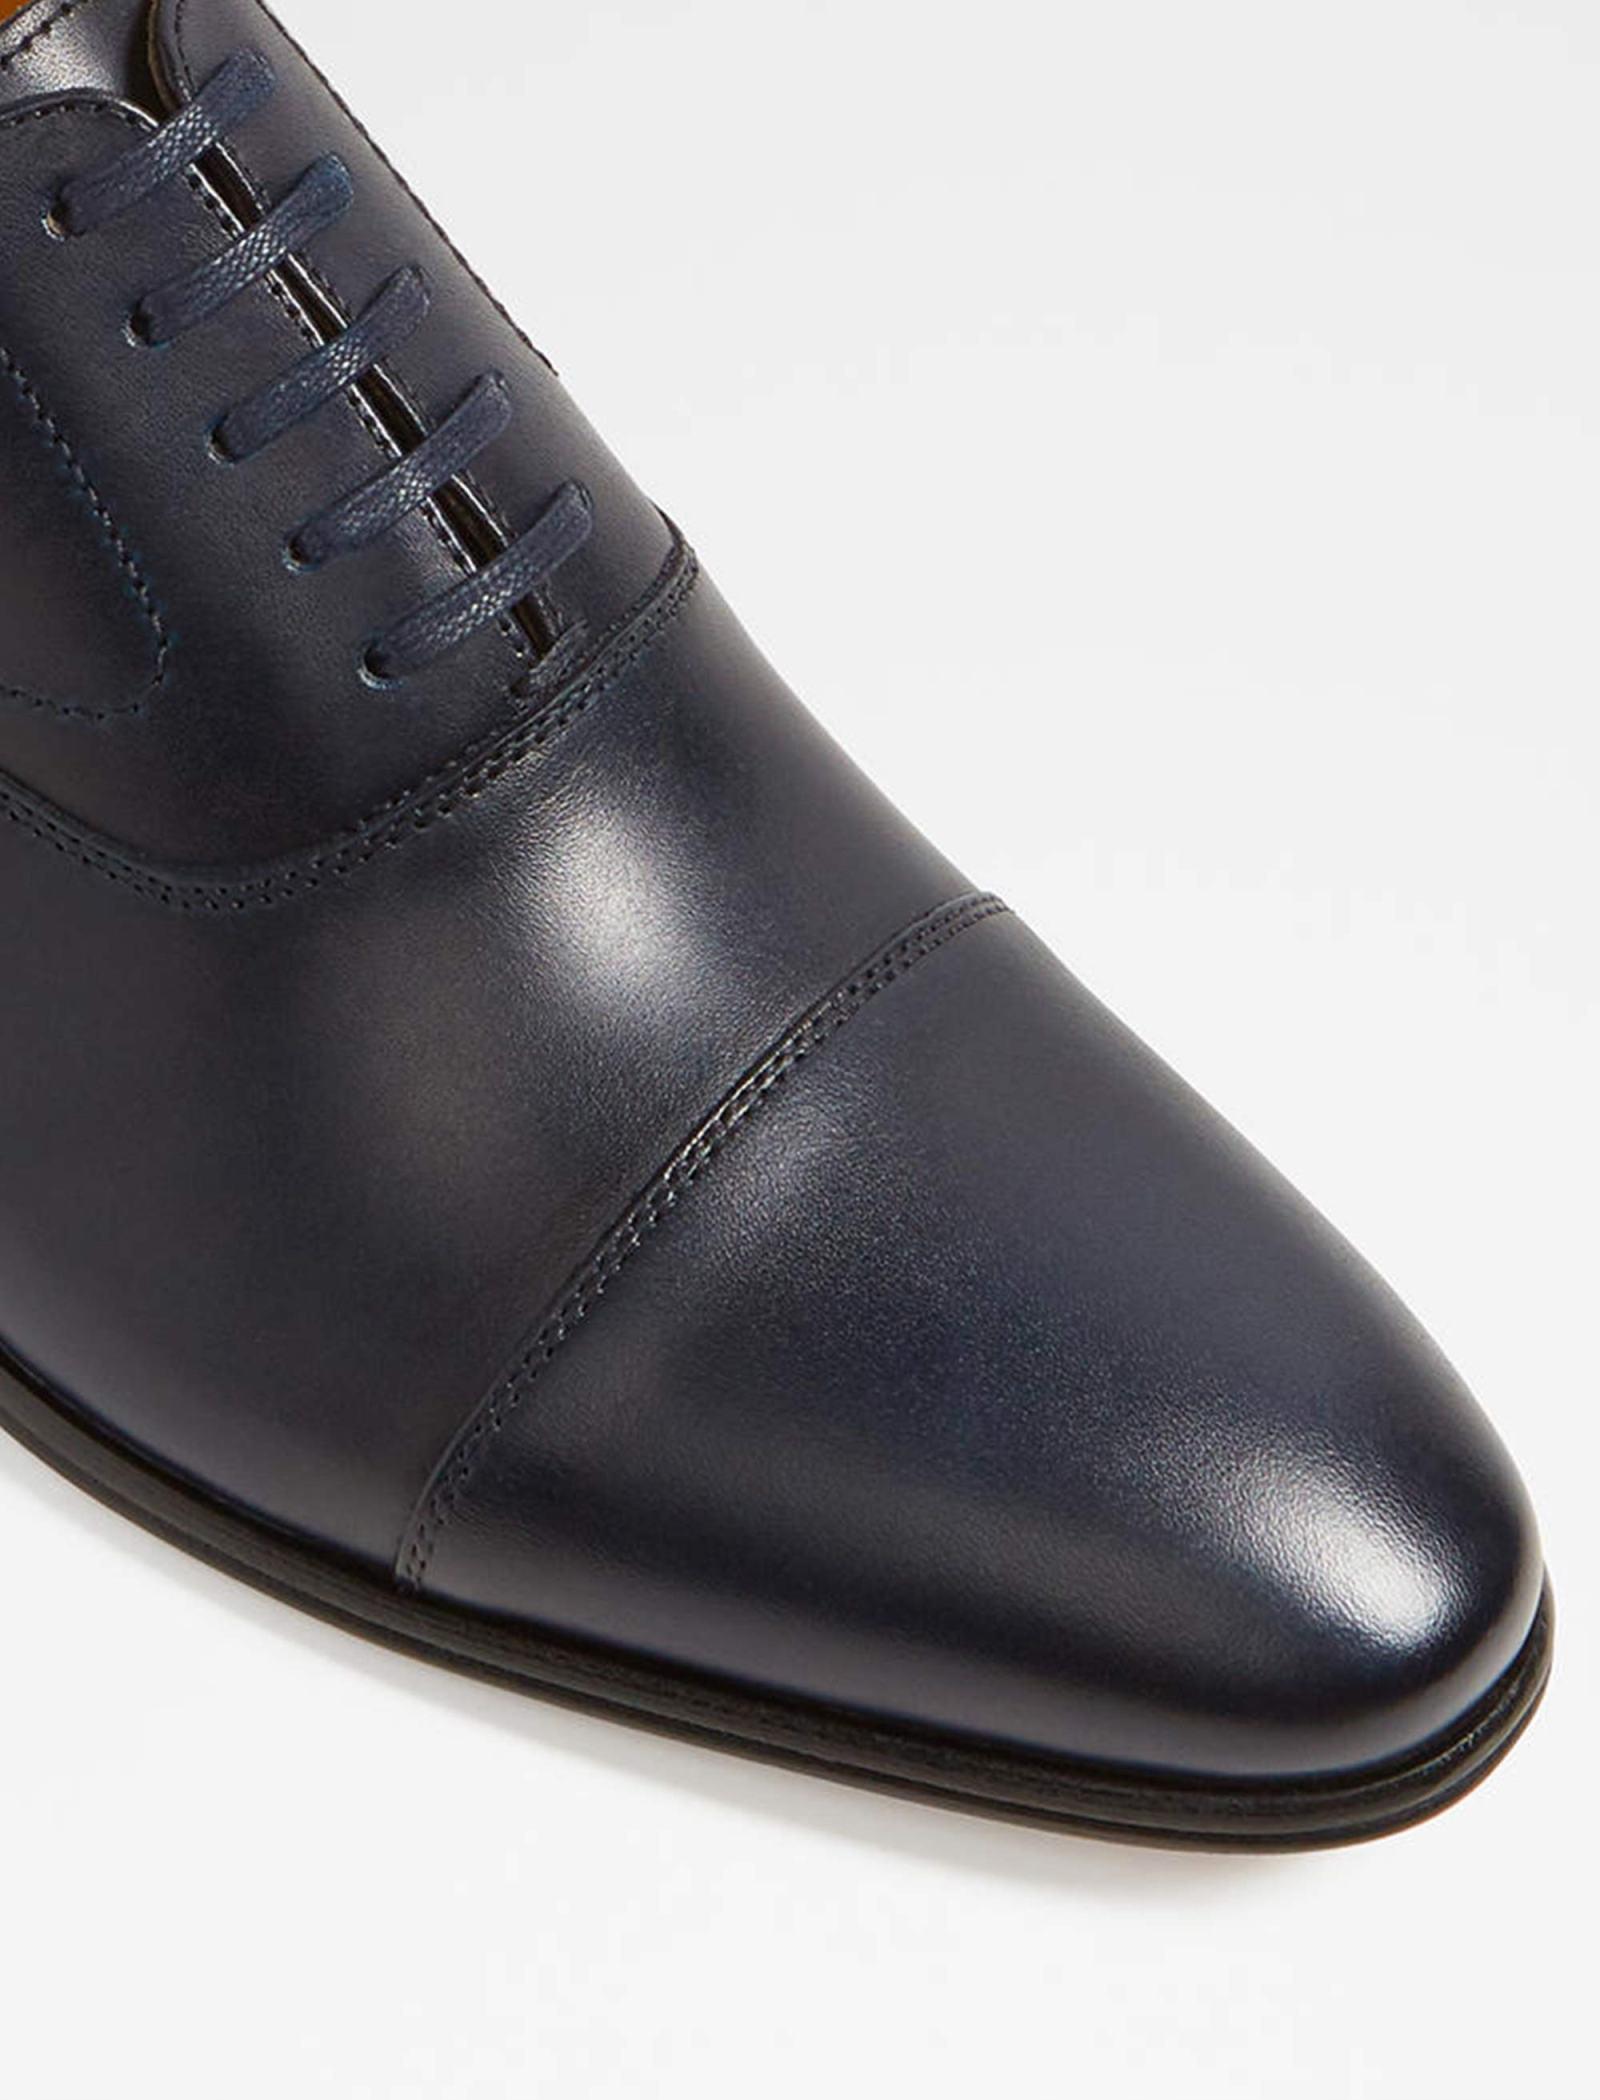 کفش رسمی چرم مردانه - آلدو - سرمه اي - 4